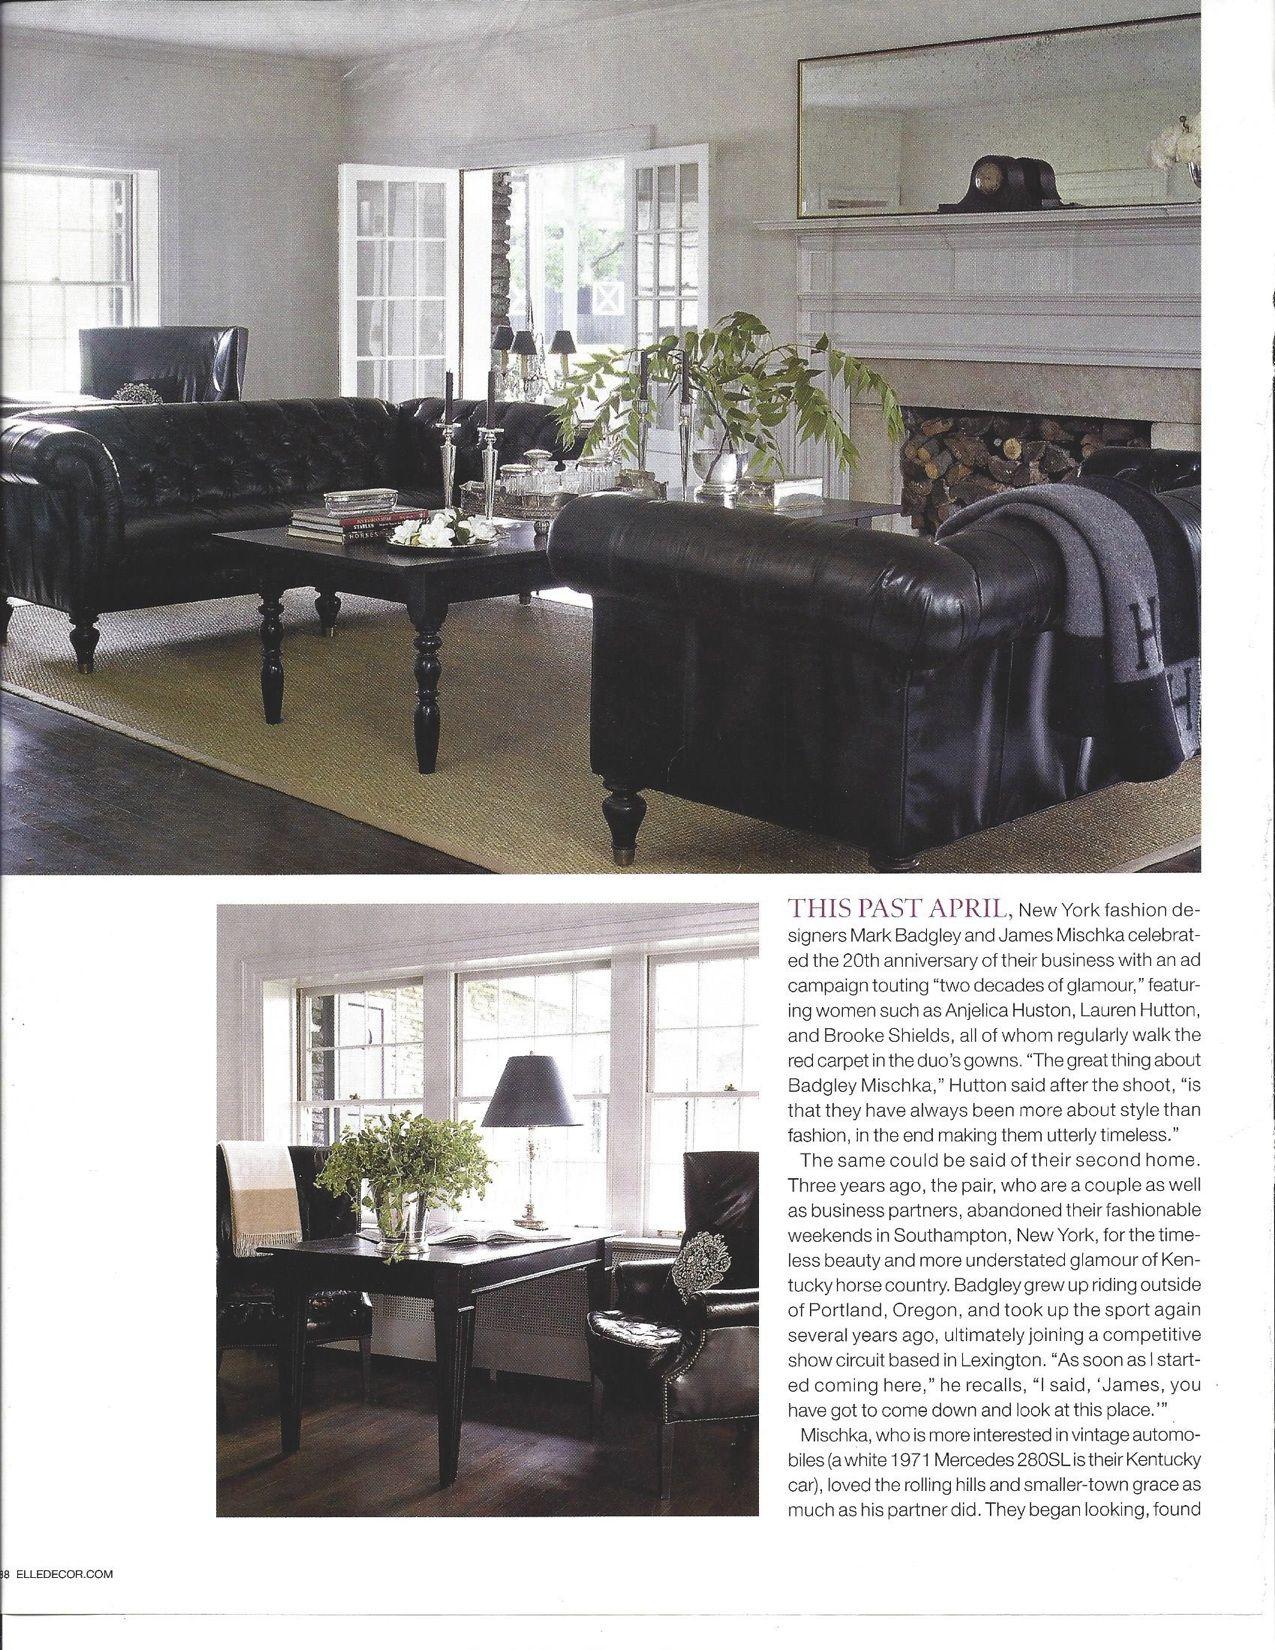 NY designers Mark Badgley and James Mischka's living room